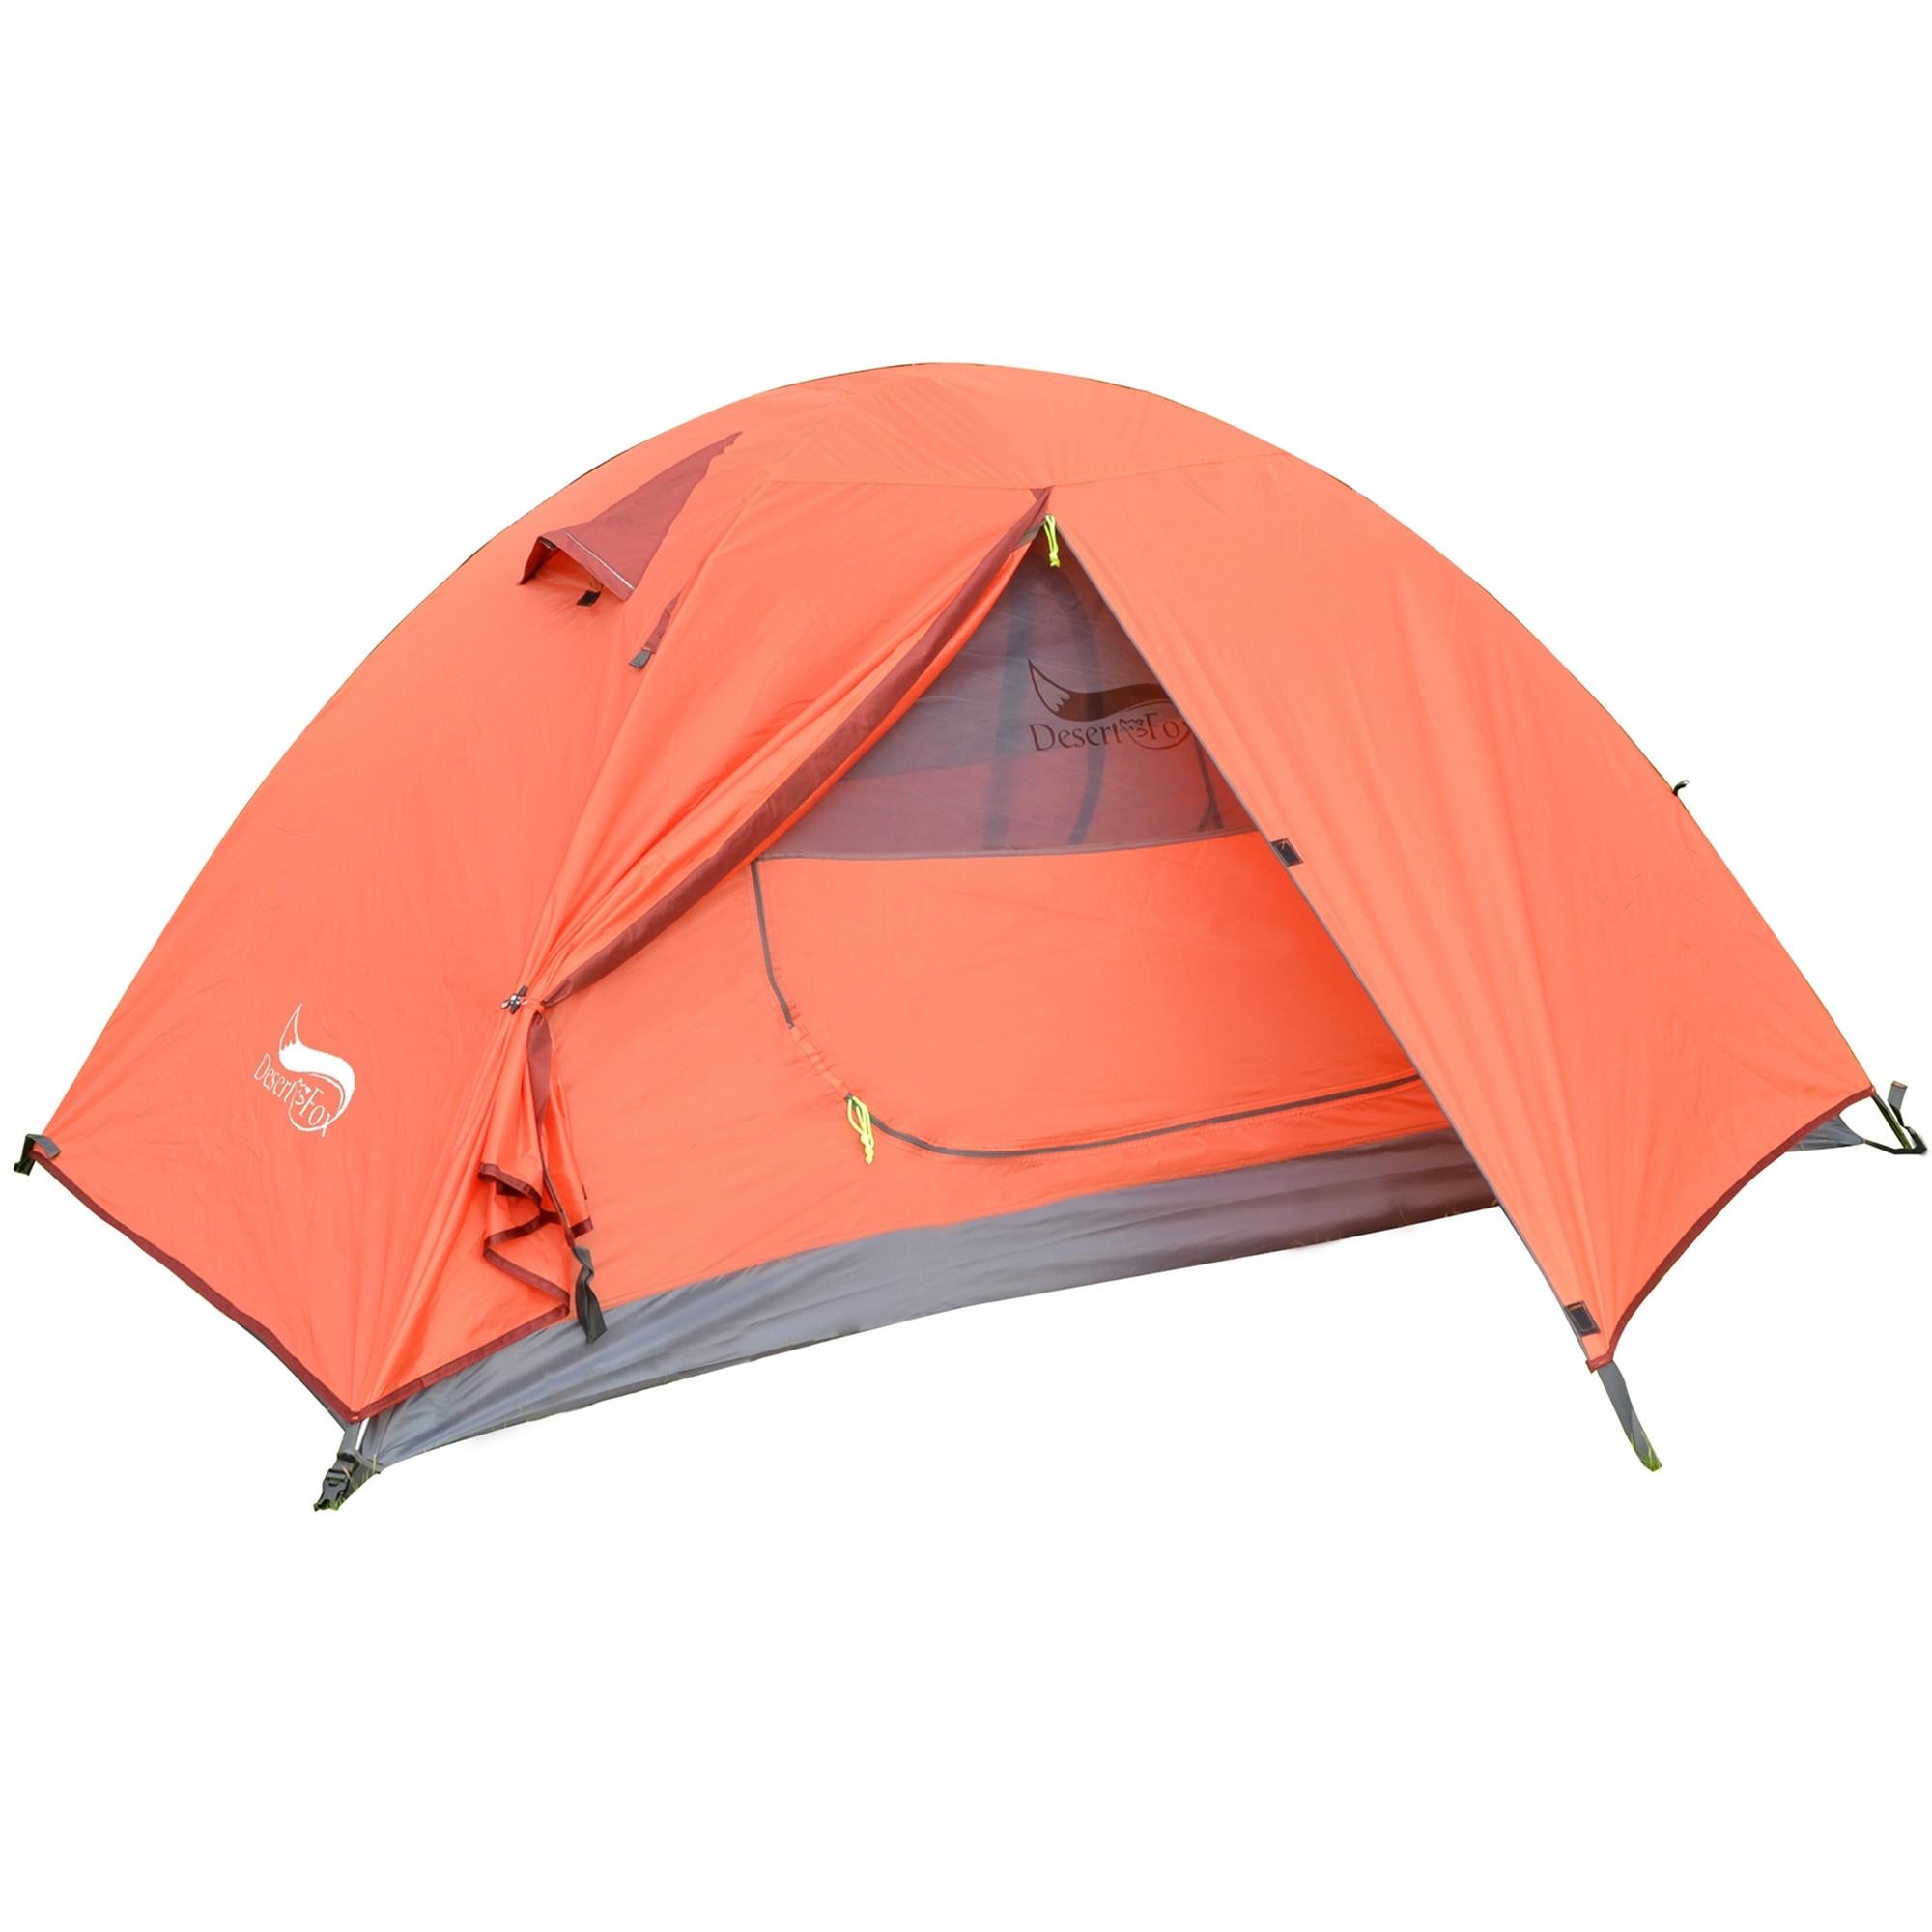 Desert & Fox - легкая двухслойная водонепроницаемая палатка на 1-2 человек